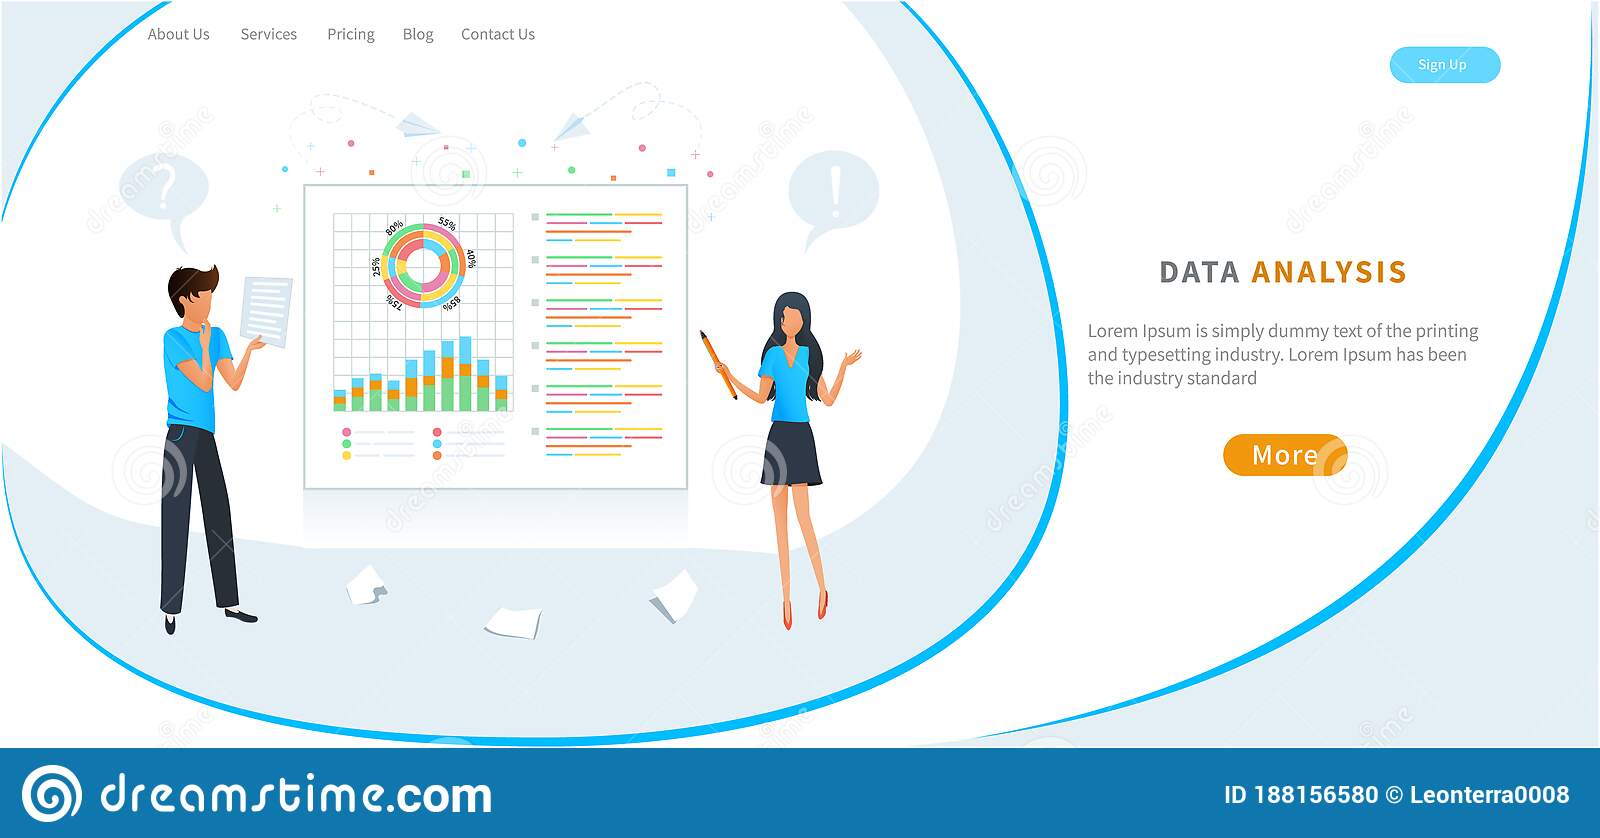 Digital Data Analysis, Accounting Service, Predictive Big ...